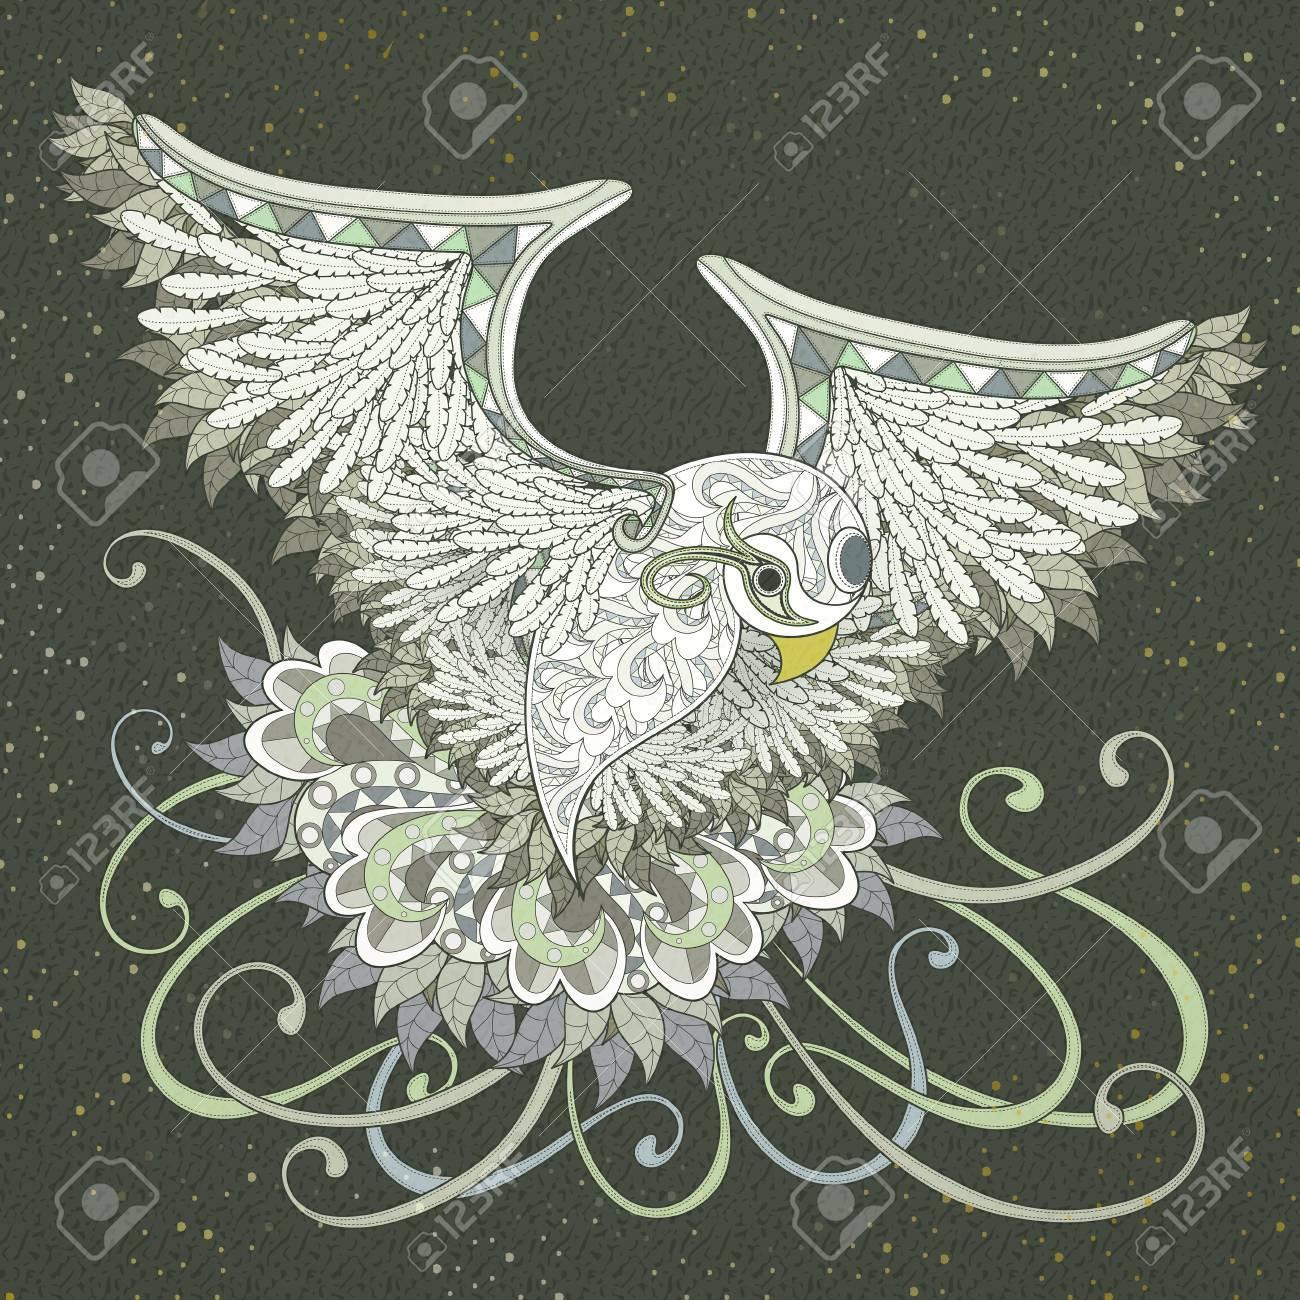 Elegante Diseño De Páginas Para Colorear Pájaro Que Vuela En Un ...